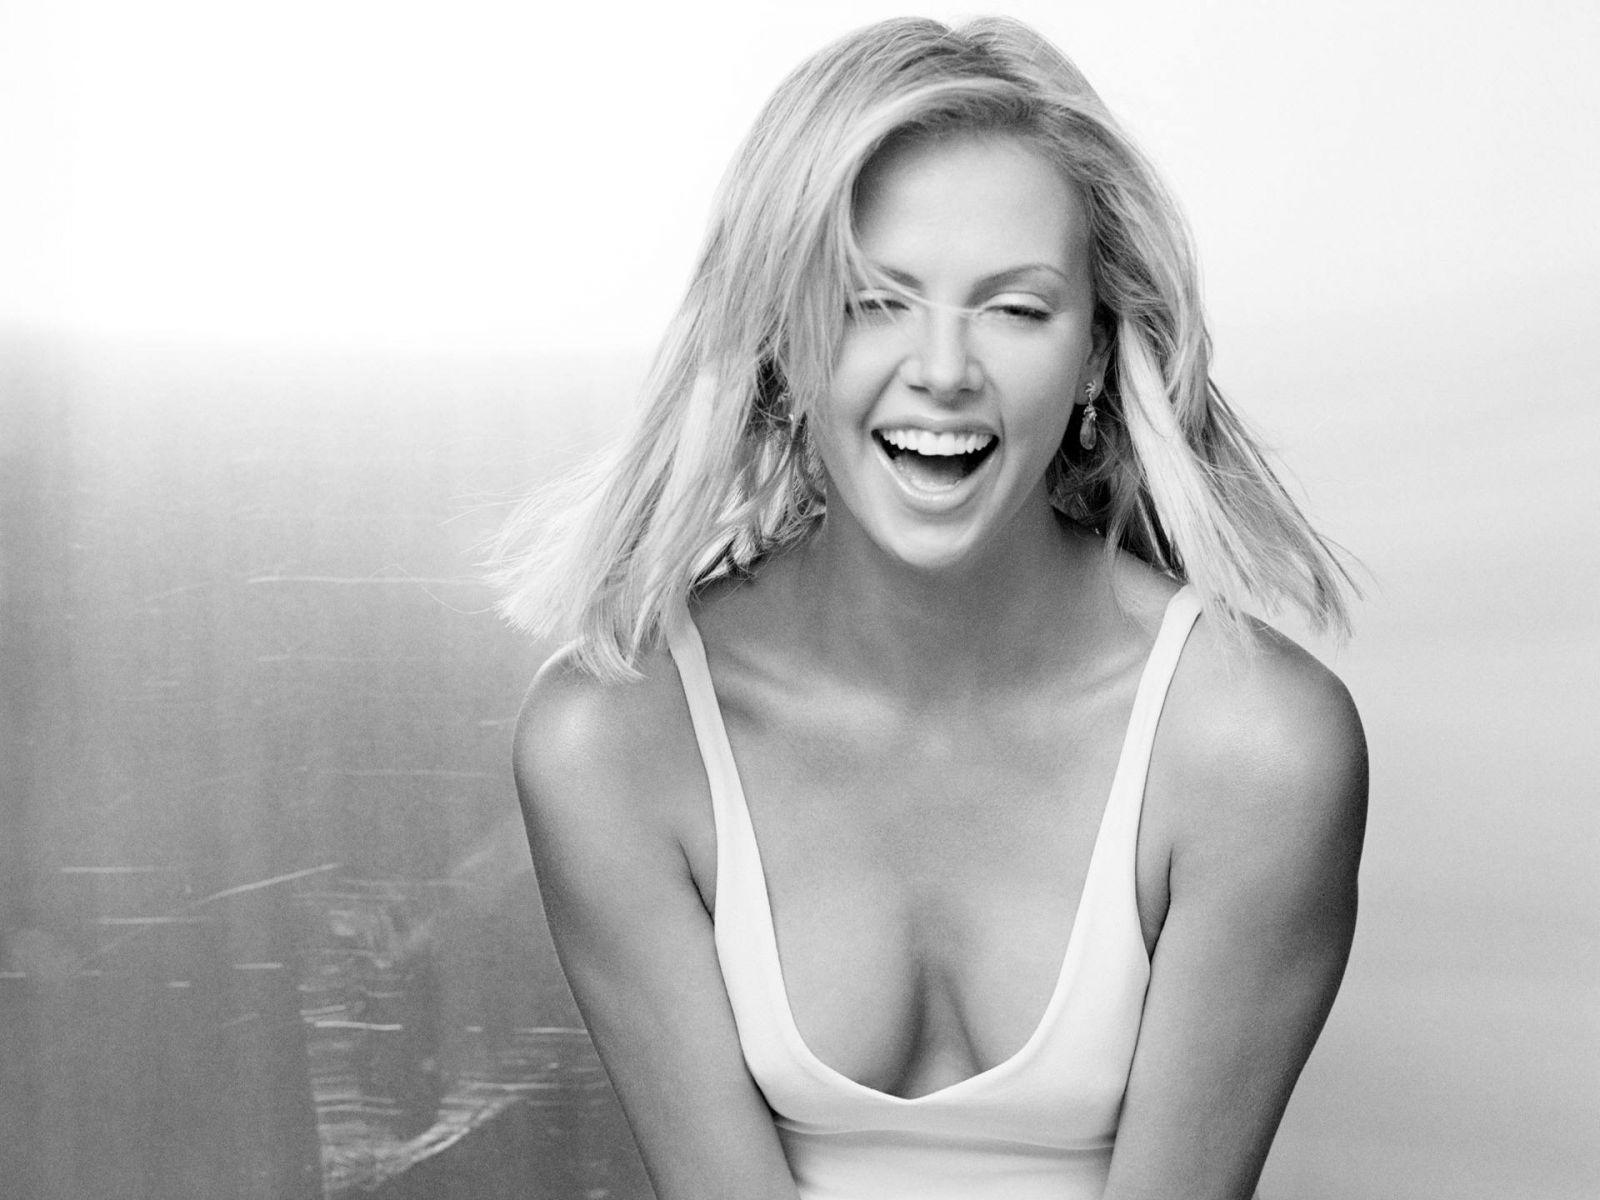 Фотки блондинок полуголых 14 фотография